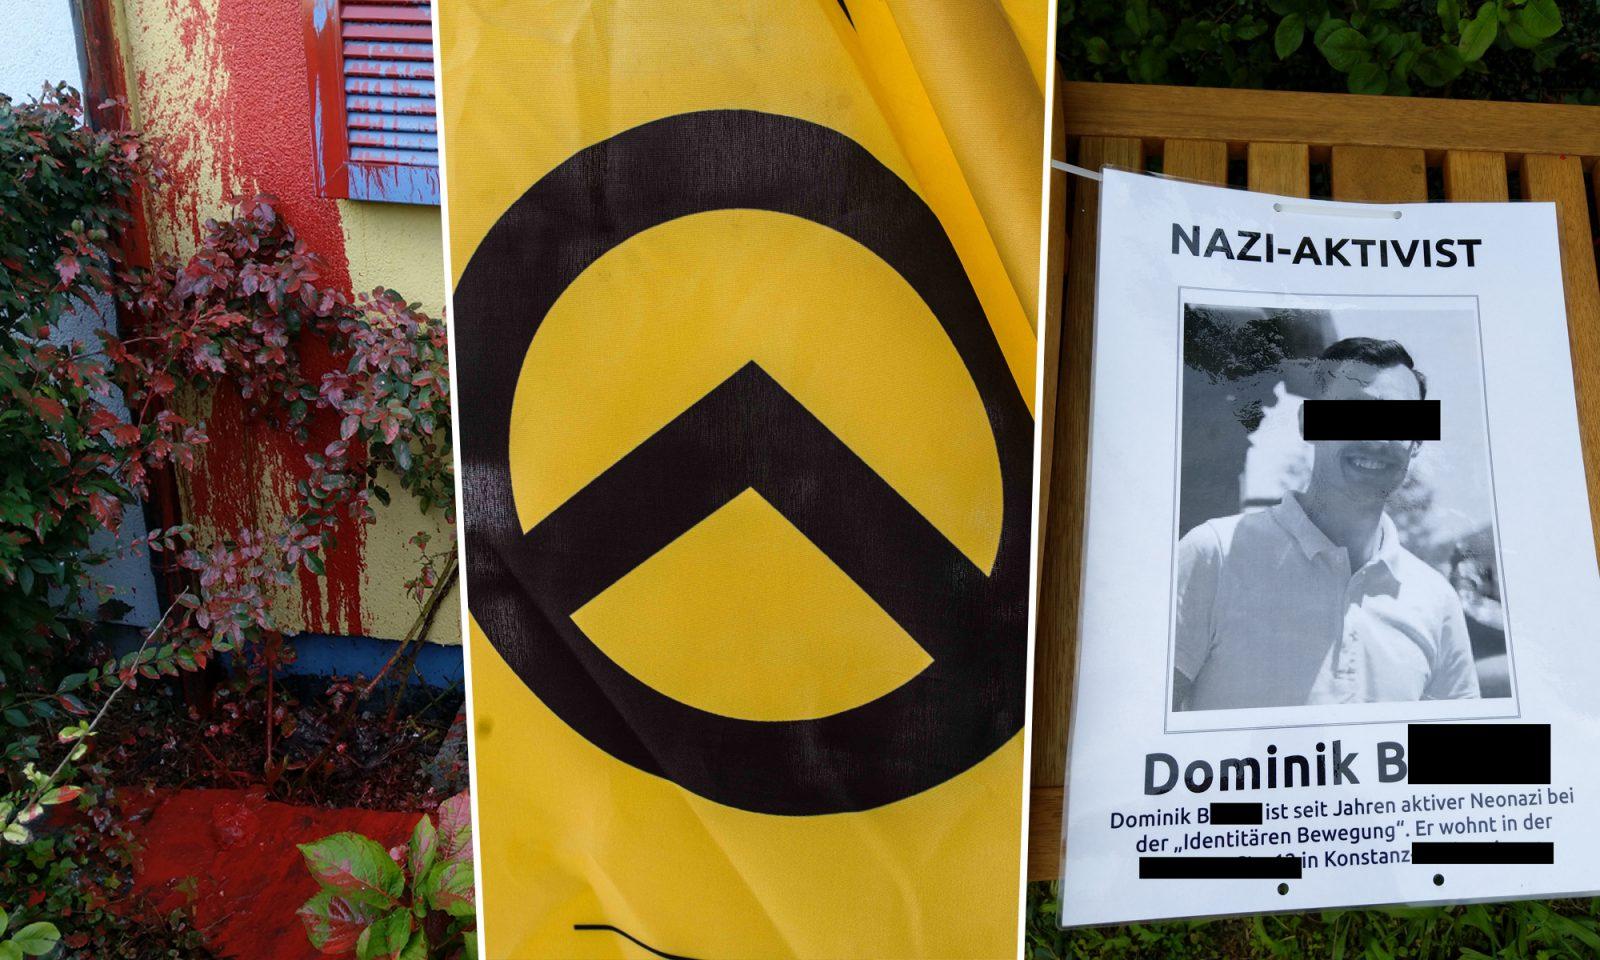 Anschlag auf IB-Mitglied in Konstanz